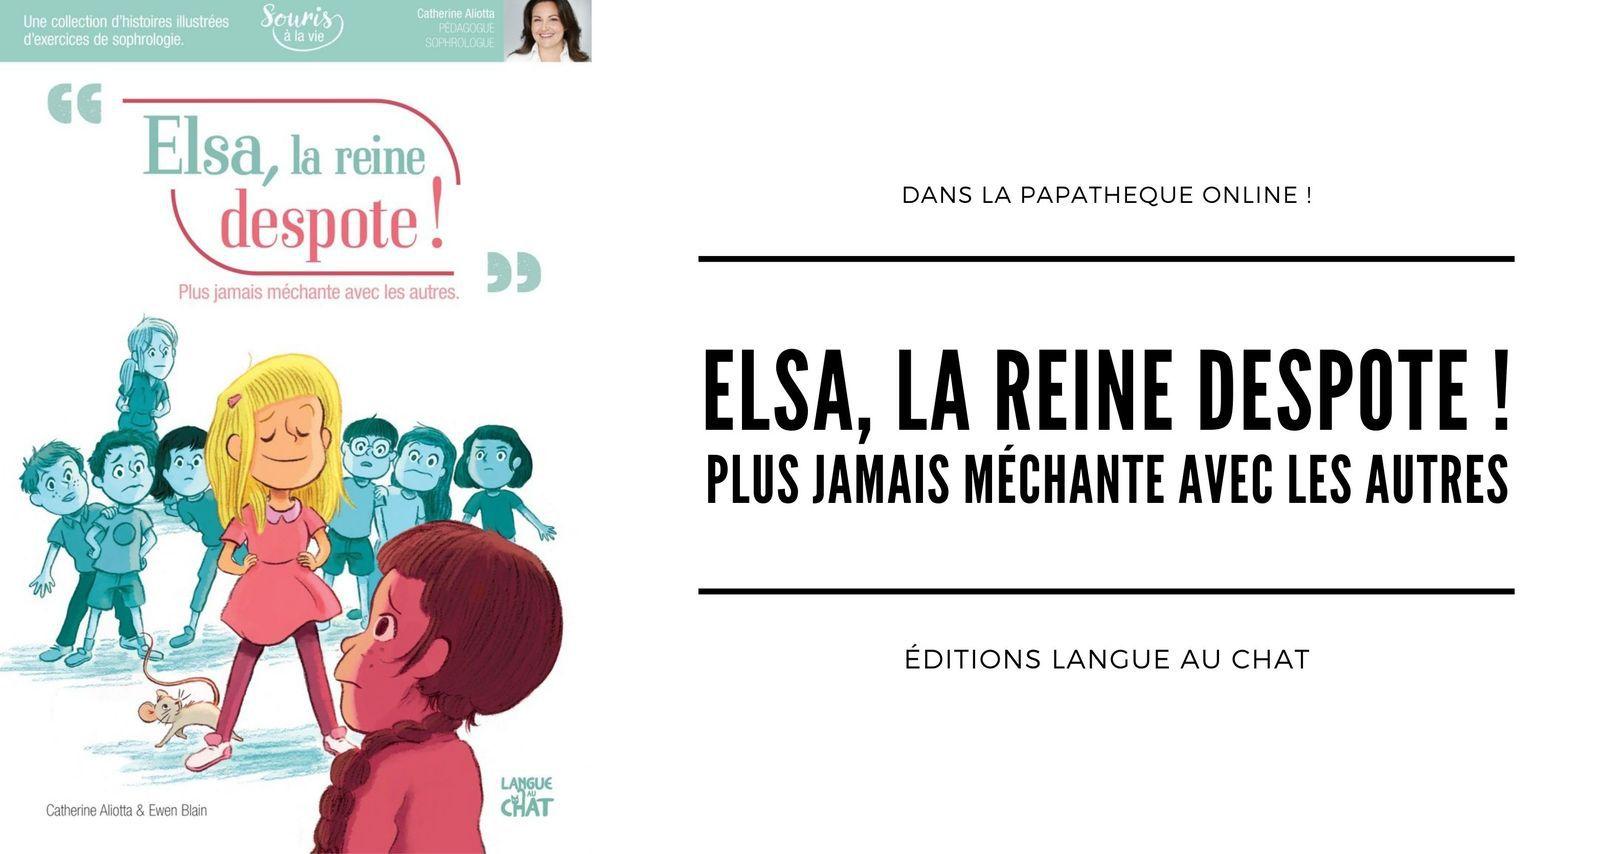 [Papathèque] Lecture : ''Elsa, la reine despote !'' (éditions Langue au chat)